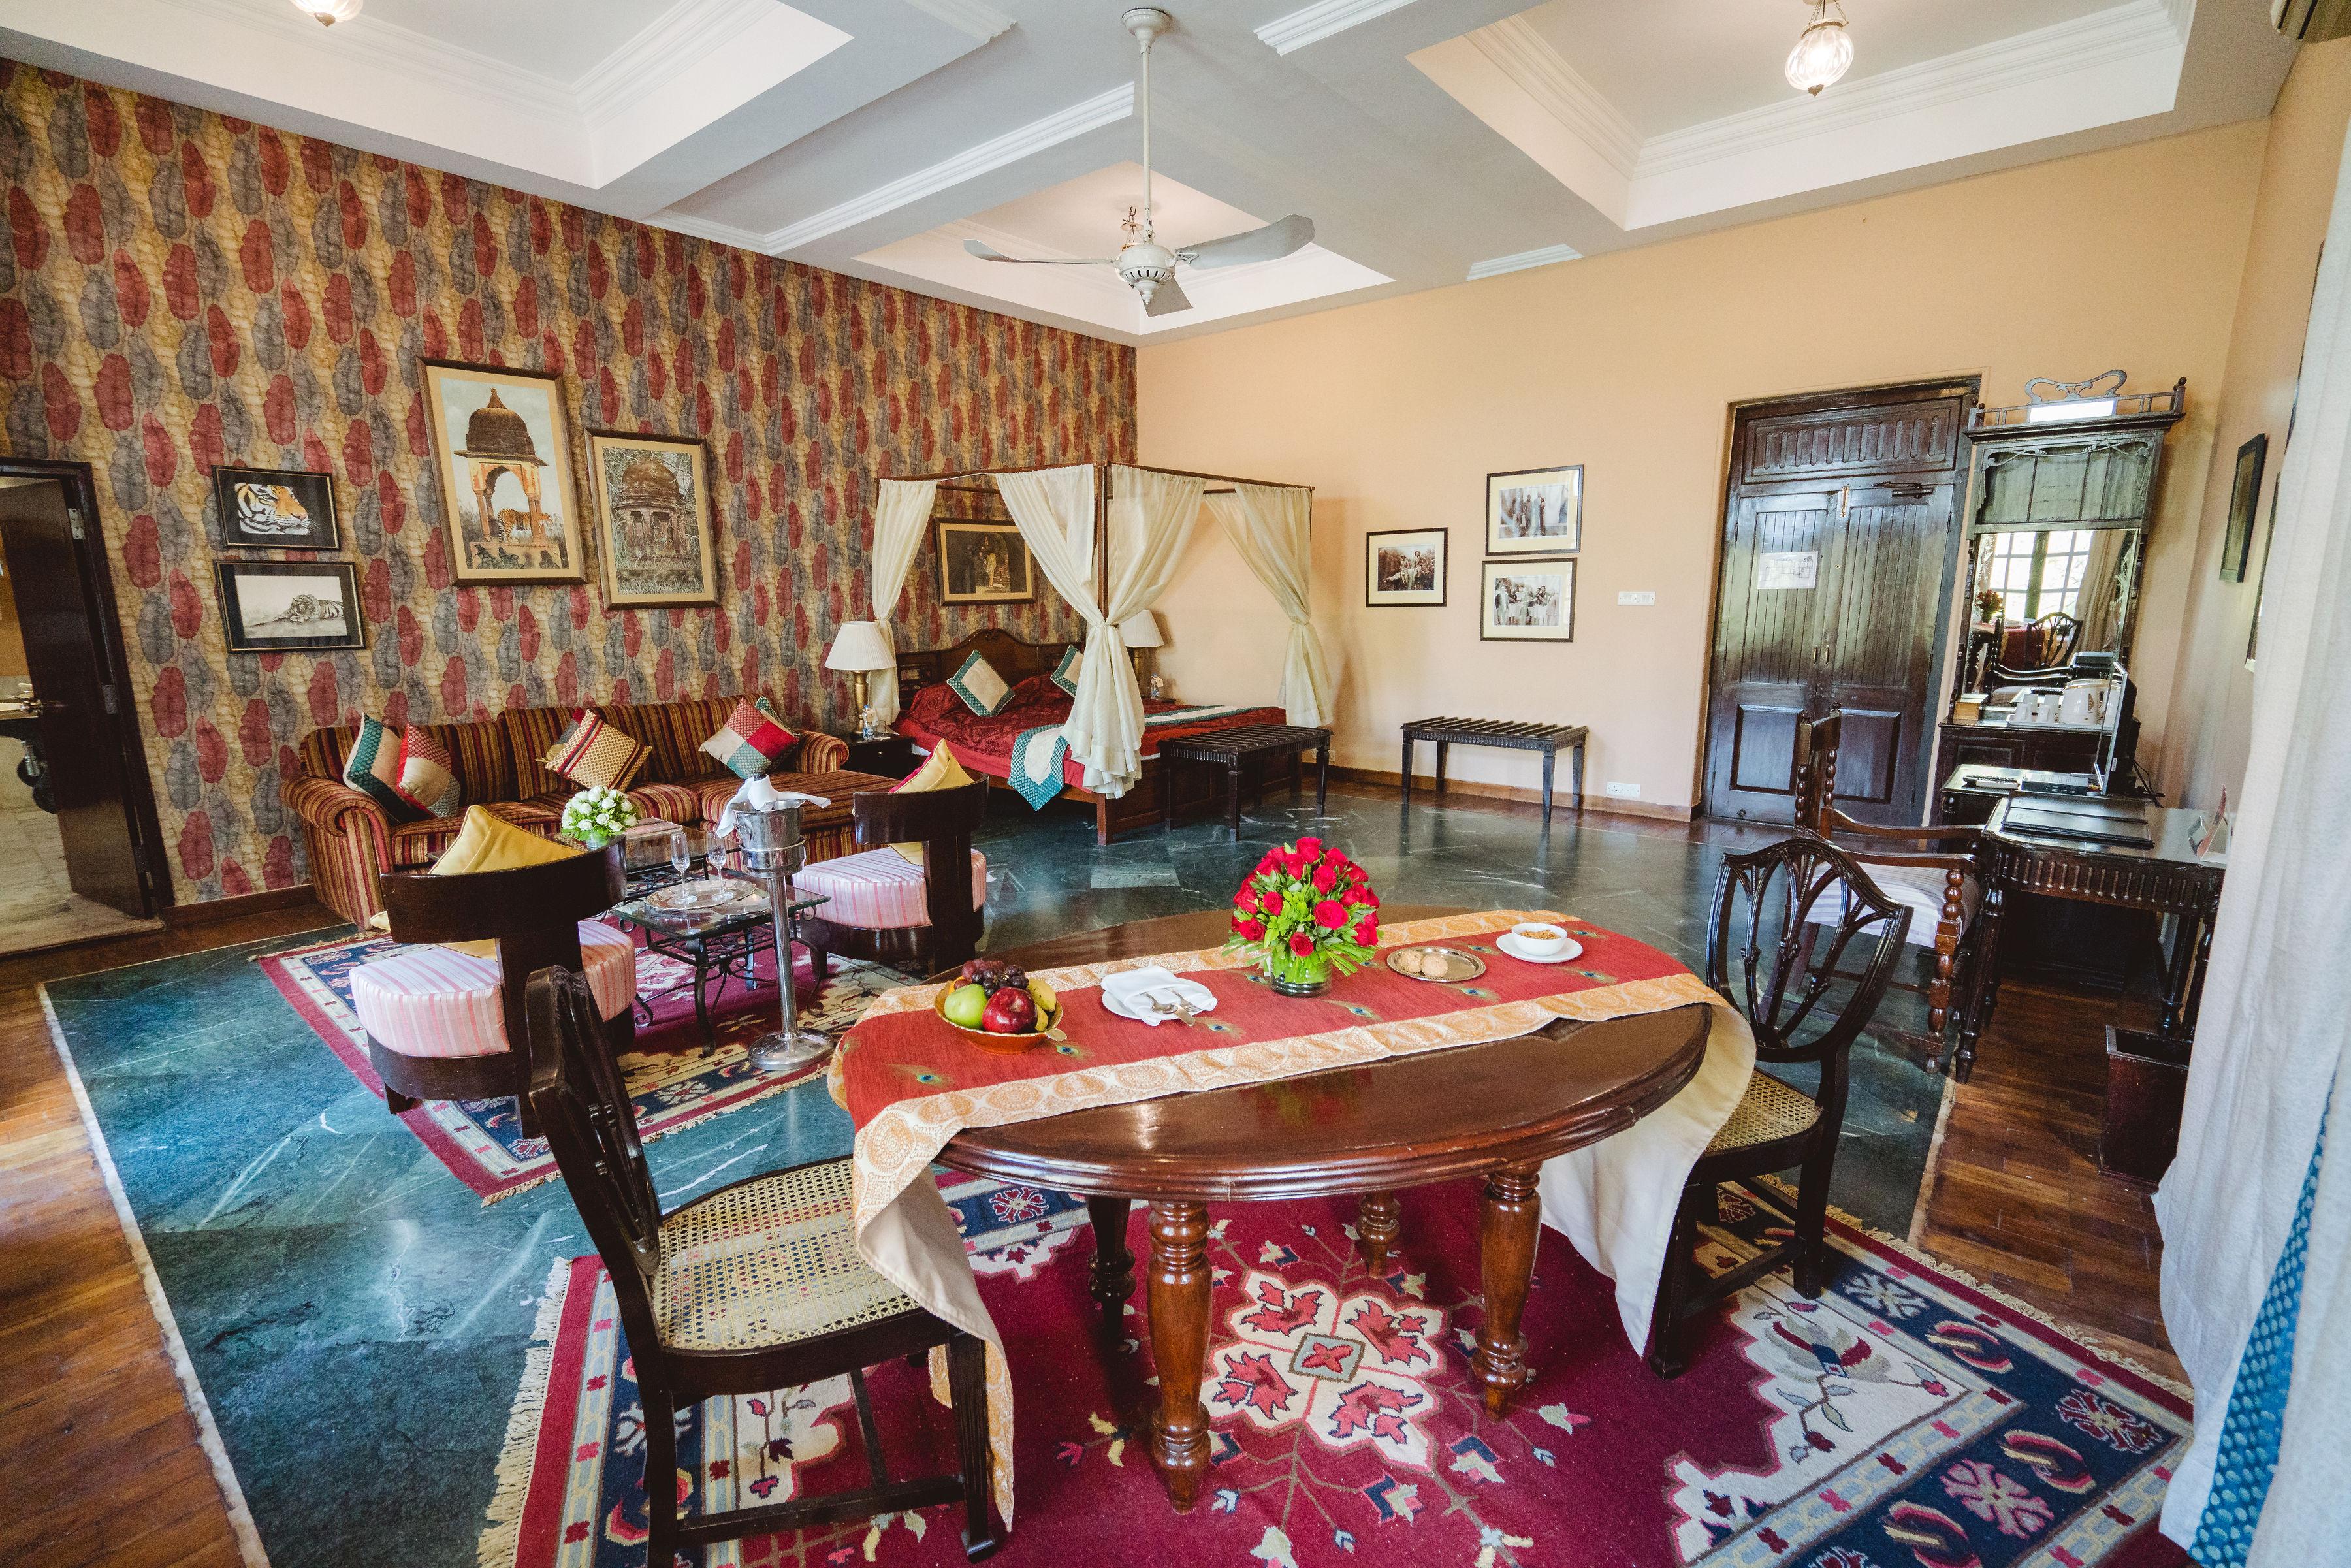 Jodhpur Hotel Rooms, Ranbanka Palace Hotel Jodhpur, Suite Room